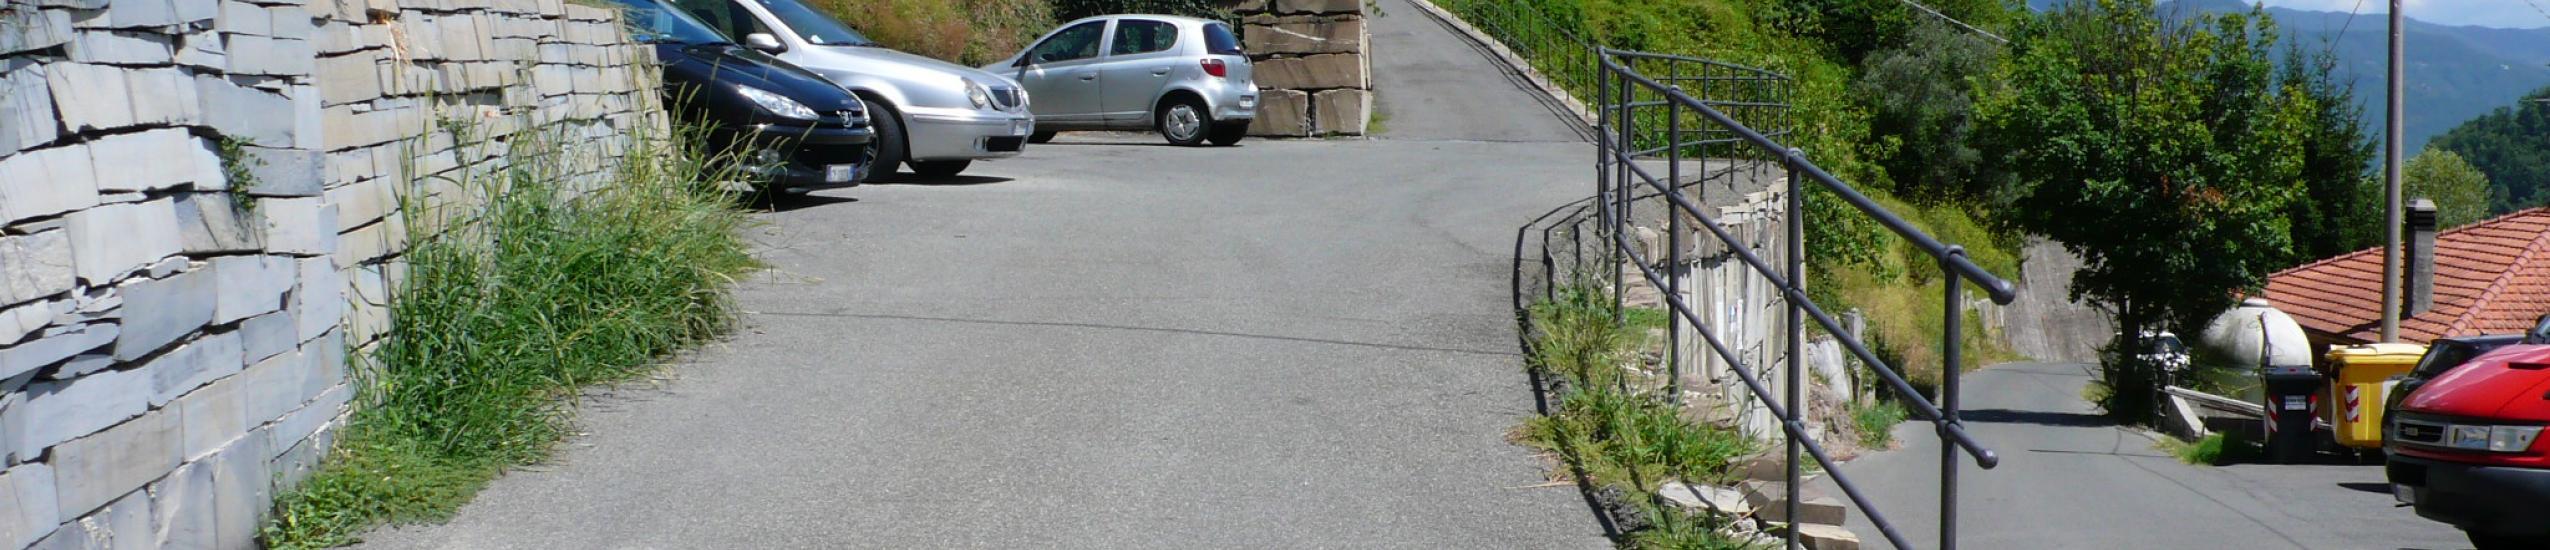 Parcheggio superiore